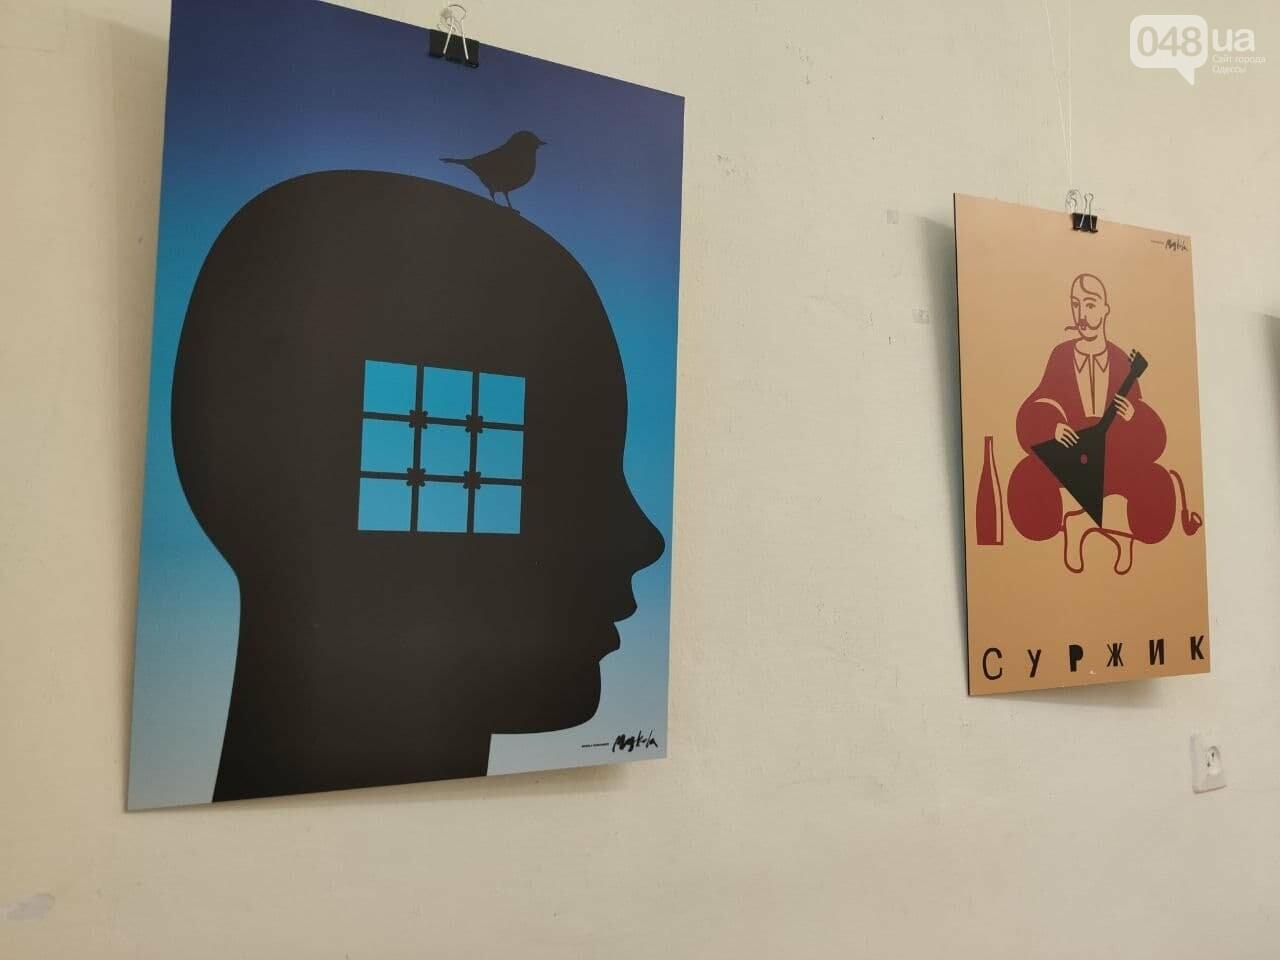 Рефлексия на события Майдана: в Одессе открылась выставка ко Дню Достоинства и Свободы, - ФОТОРЕПОТАЖ, фото-10